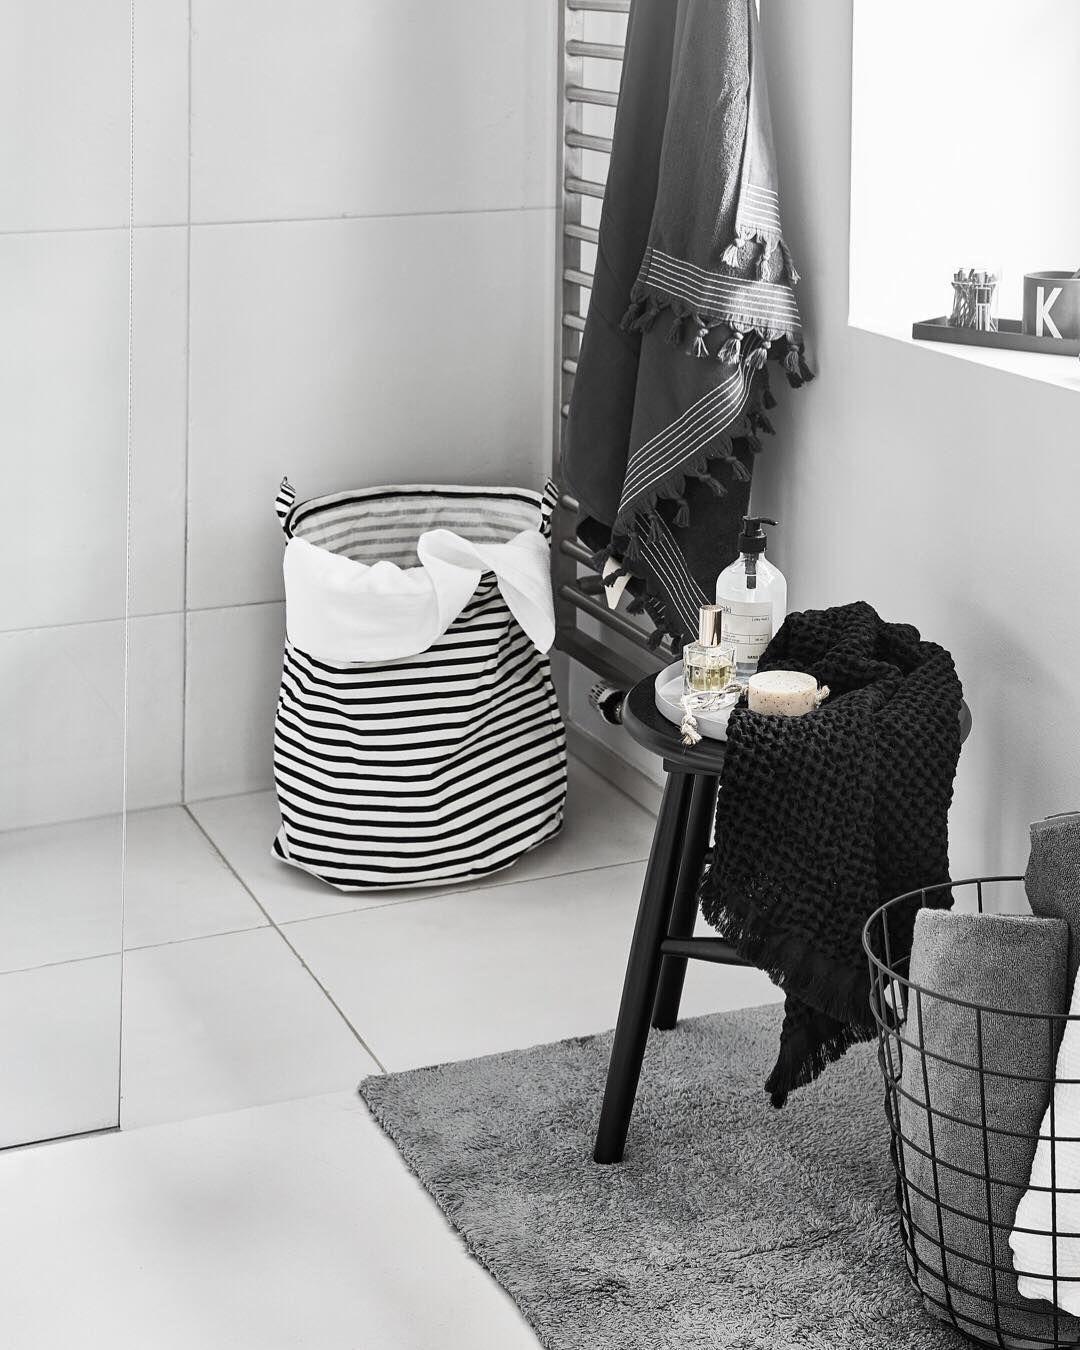 Mega Angesagt Schwarz Weiße Details Im Badezimmer Westwingnow Shopthepost Architektur Innenarchitektur Badezimmer Grau Weiß Zimmereinrichtung